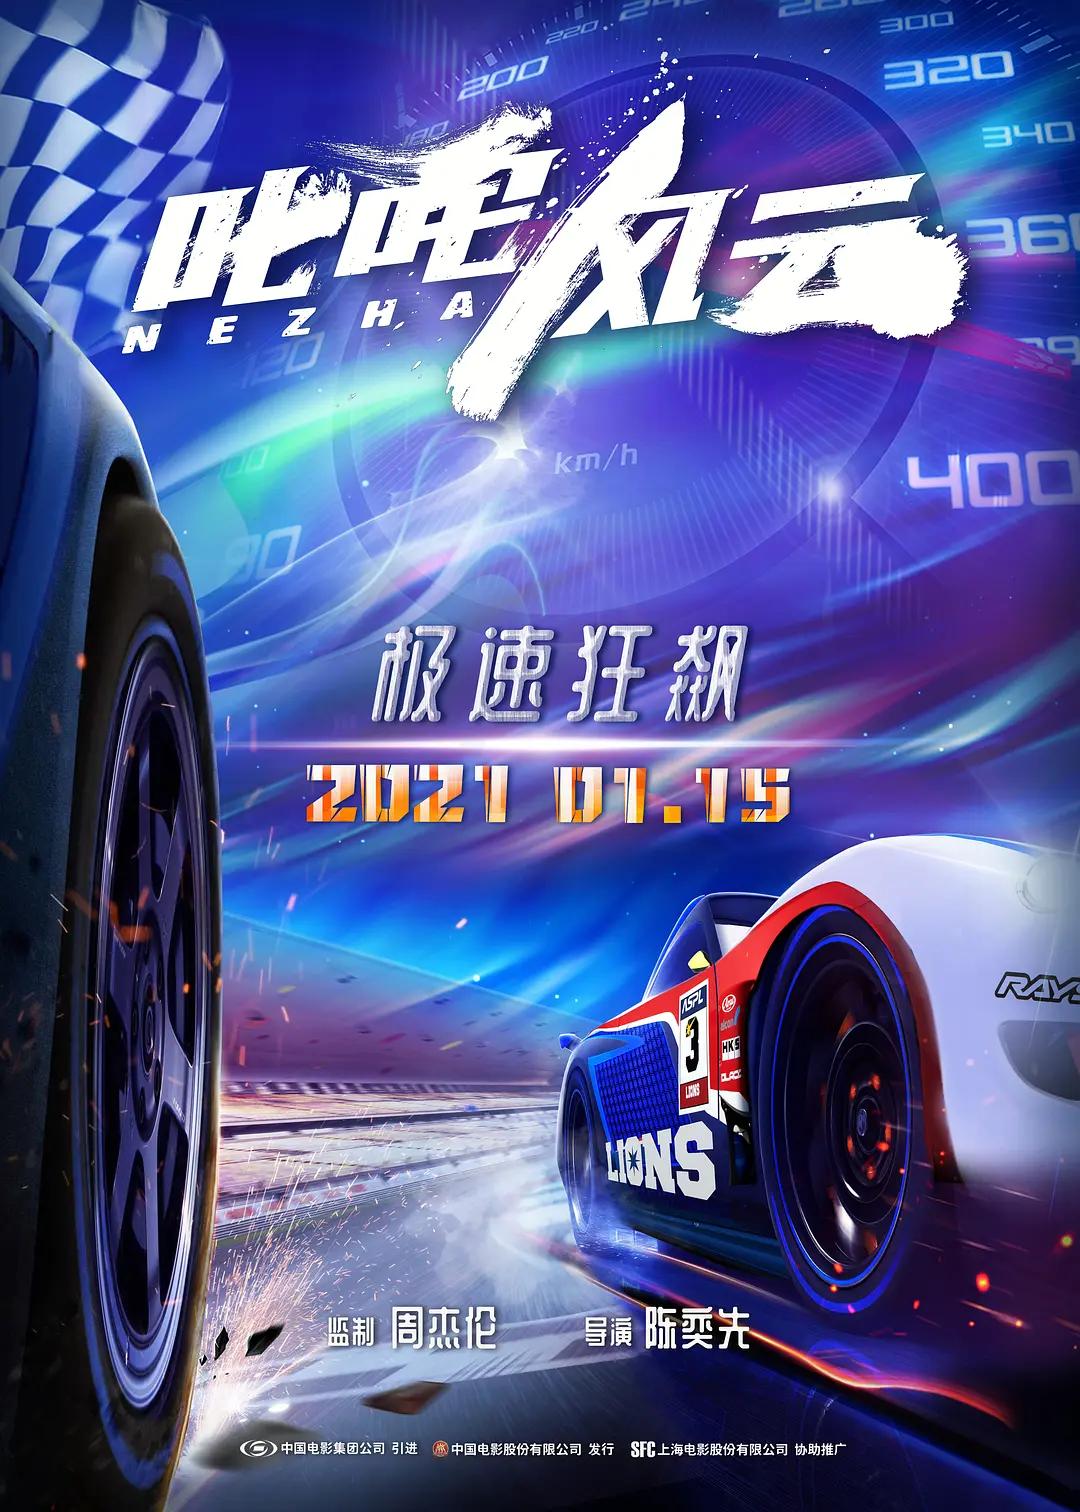 电影《叱咤风云》1月15日将映迅雷下载1080p.BD中英双字幕高清下载